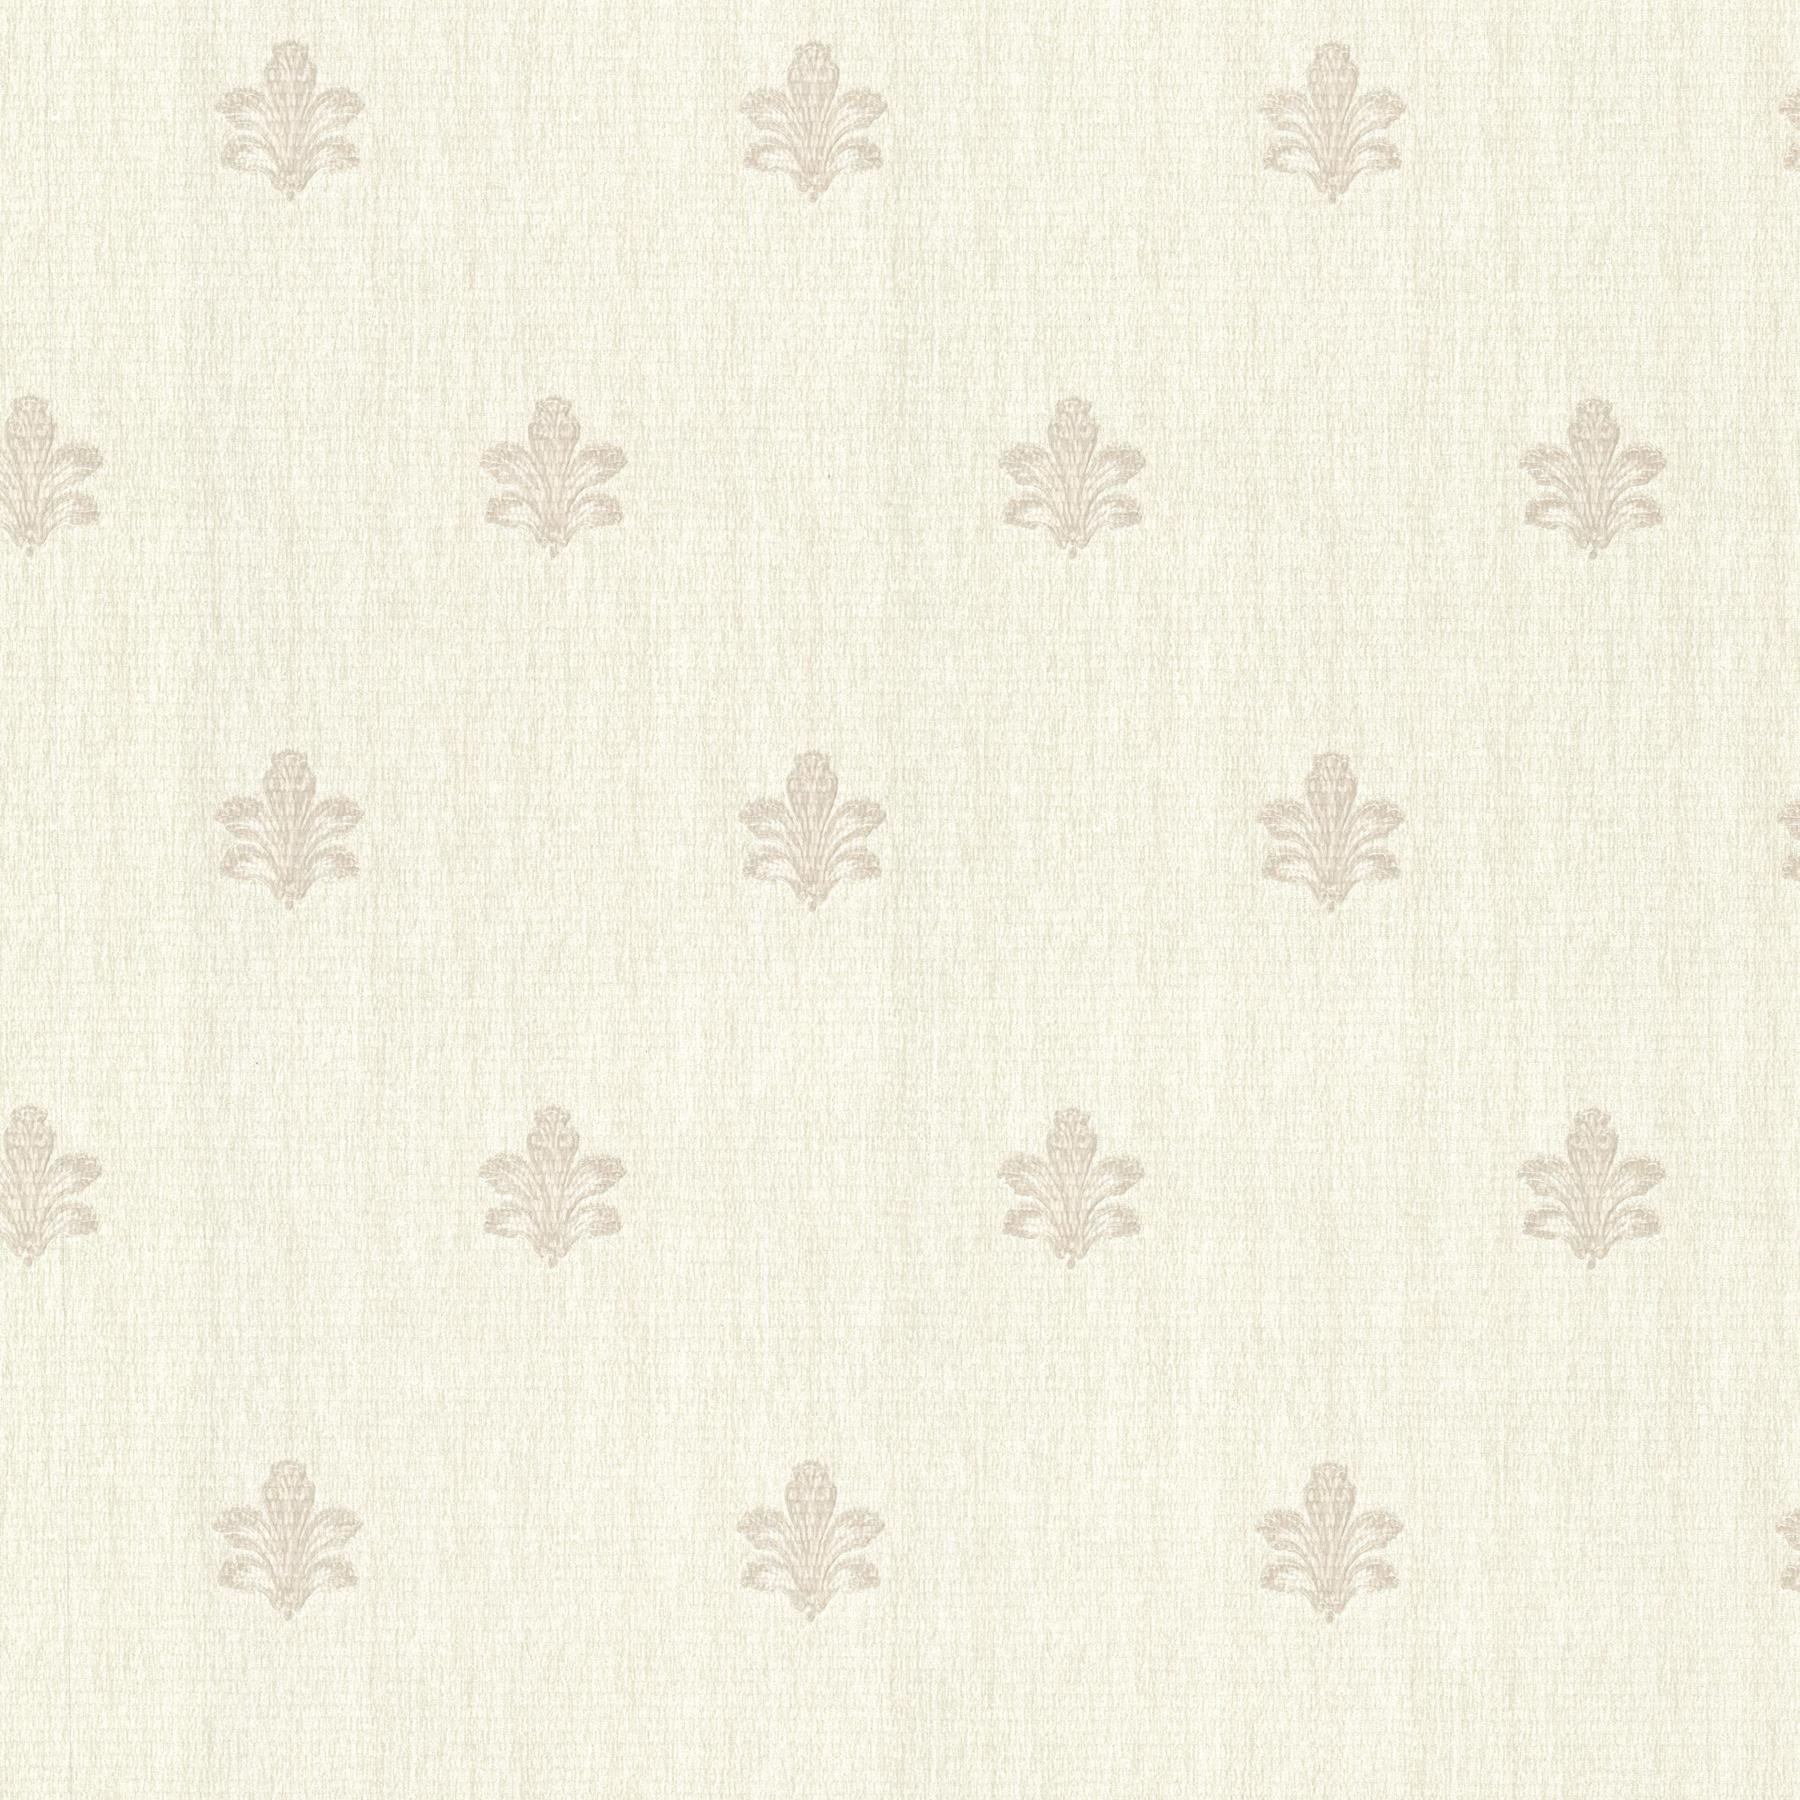 Picture of Bolton Cream Fleur De Lis Wallpaper